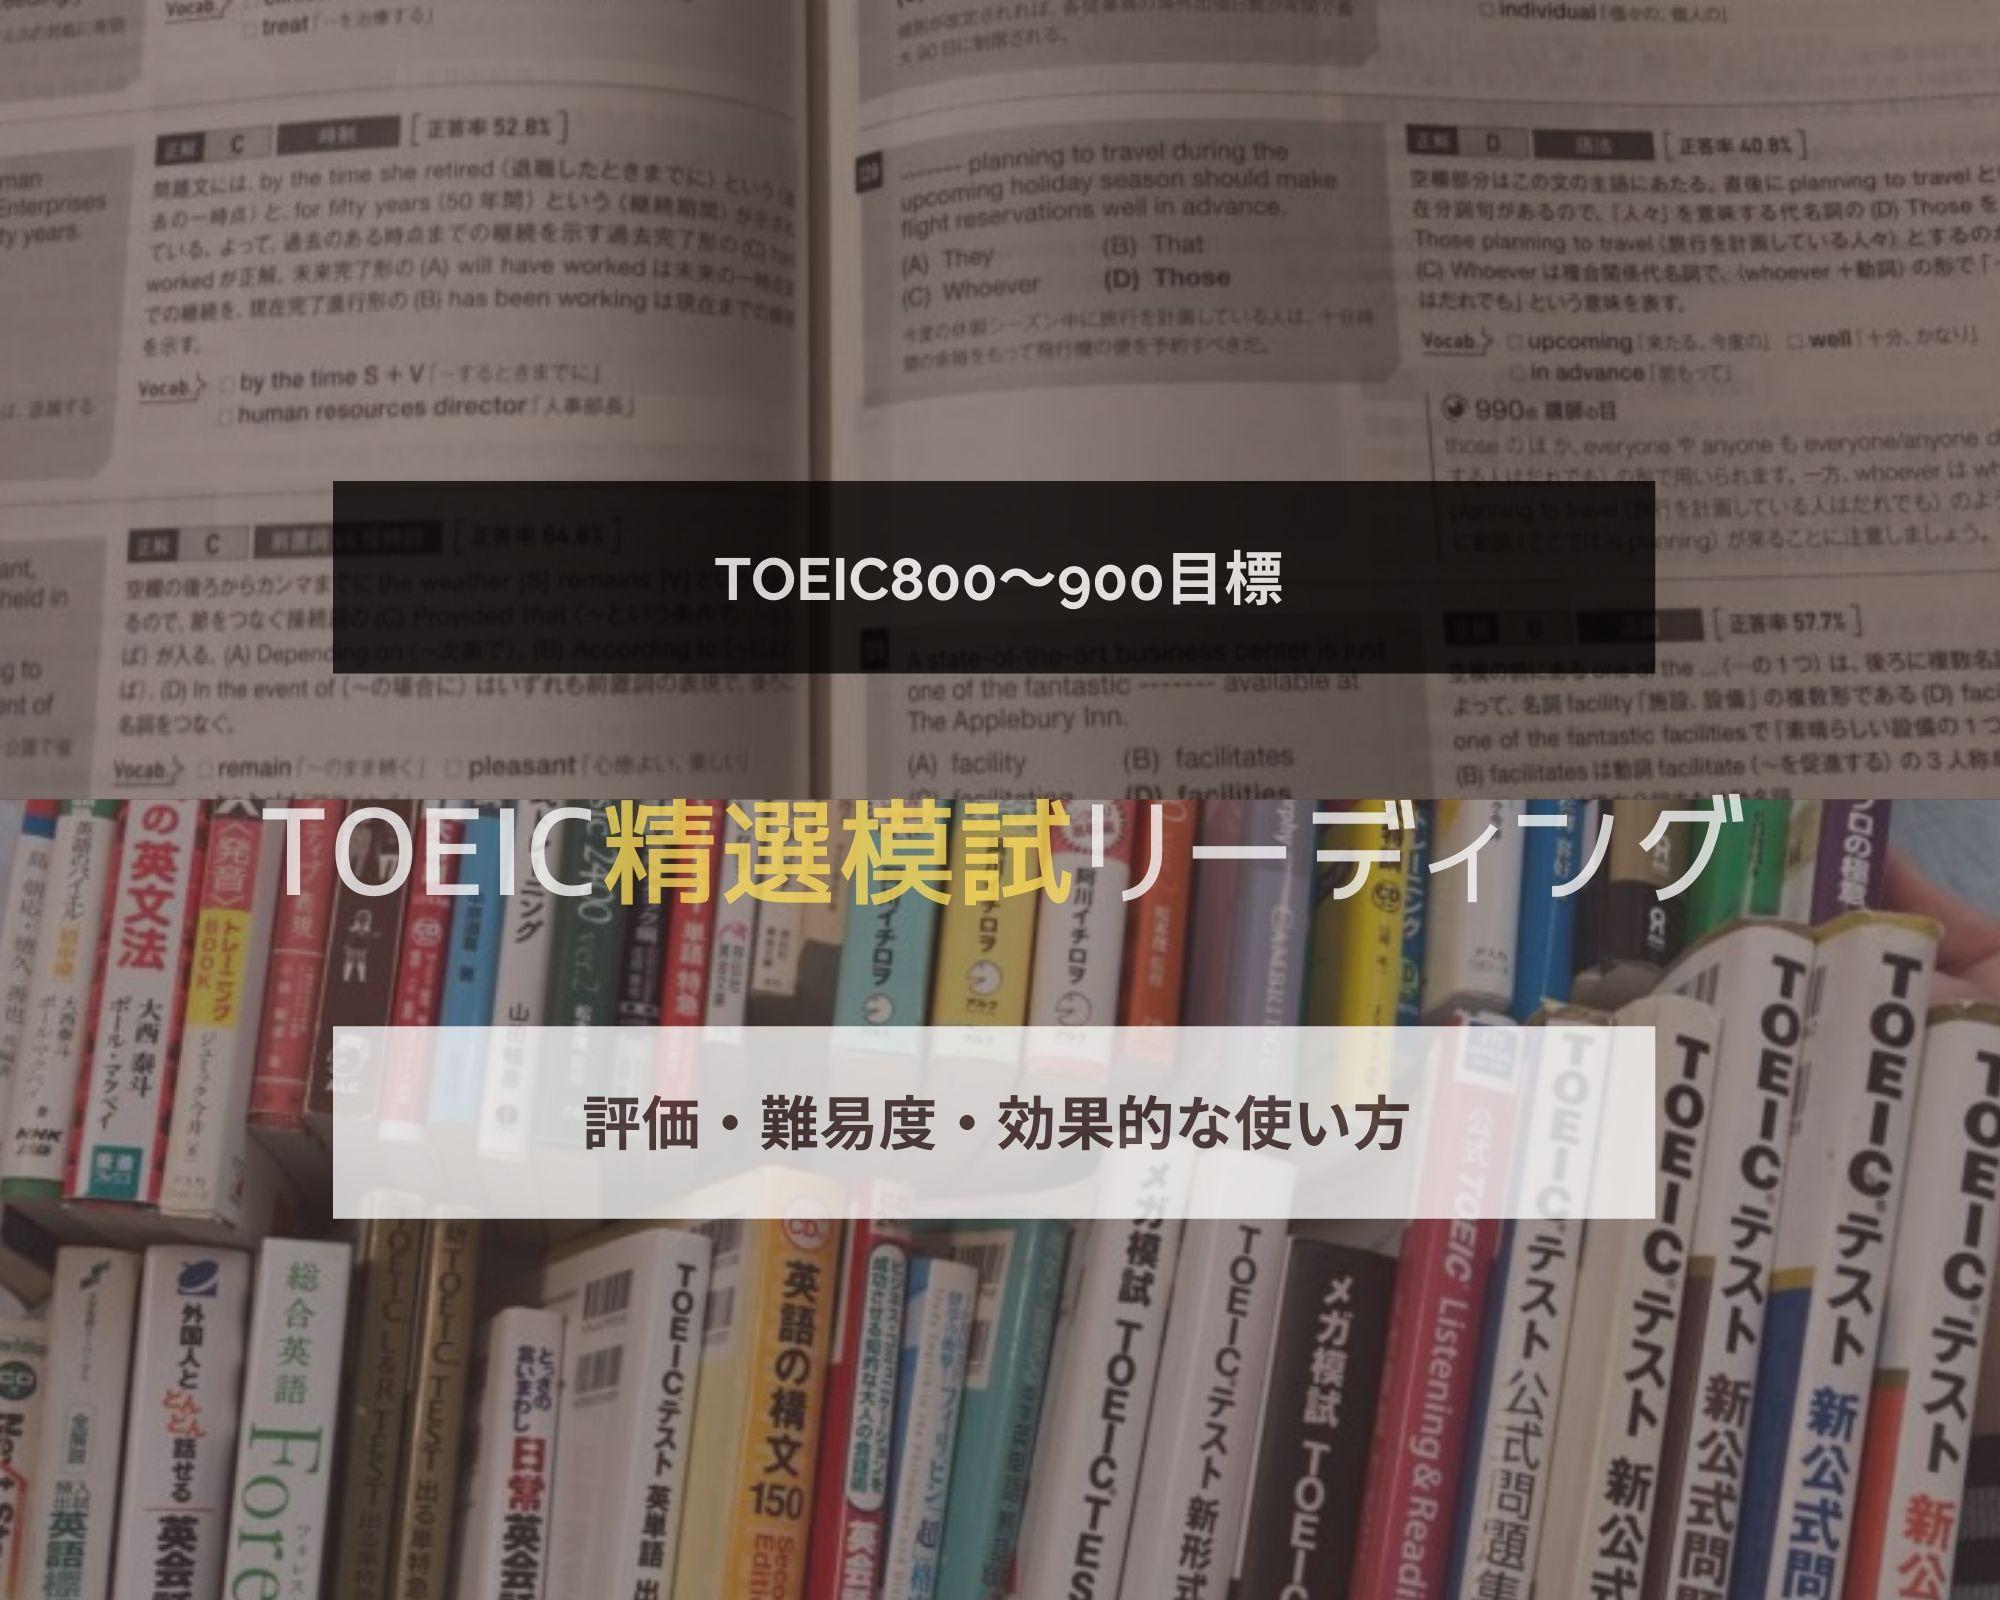 TOEIC900の勉強法を解説。700点で12ヶ月停滞で ...